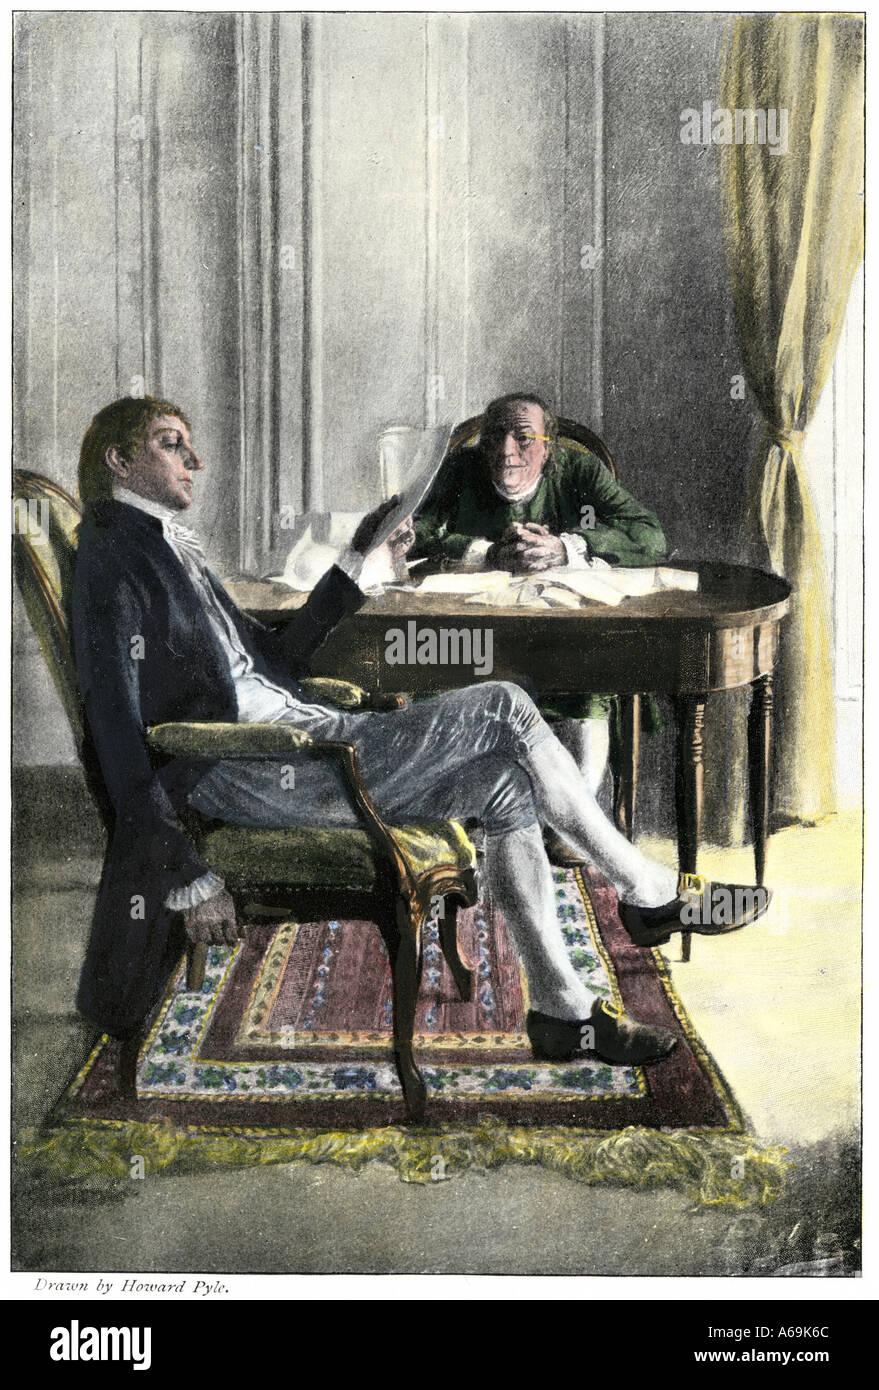 Benjamin Franklin y Richard Oswald en París discutiendo el tratado de paz para poner fin a la Revolución Americana. Xilografía coloreada a mano Imagen De Stock